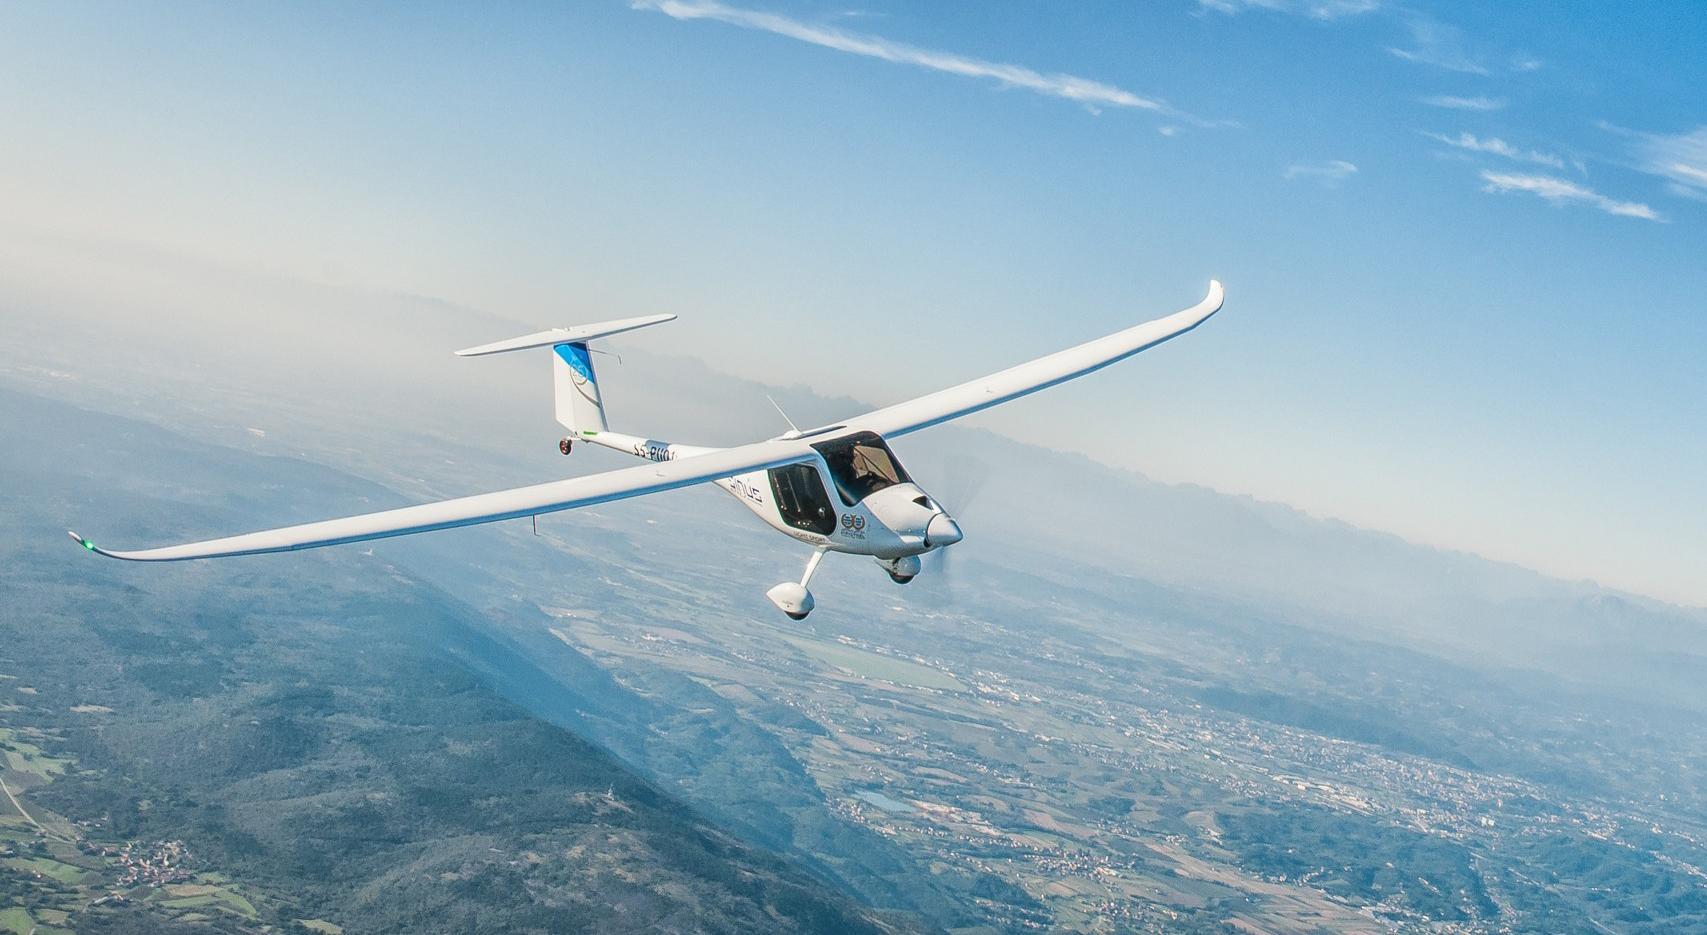 Samolot ultralekki Sinus